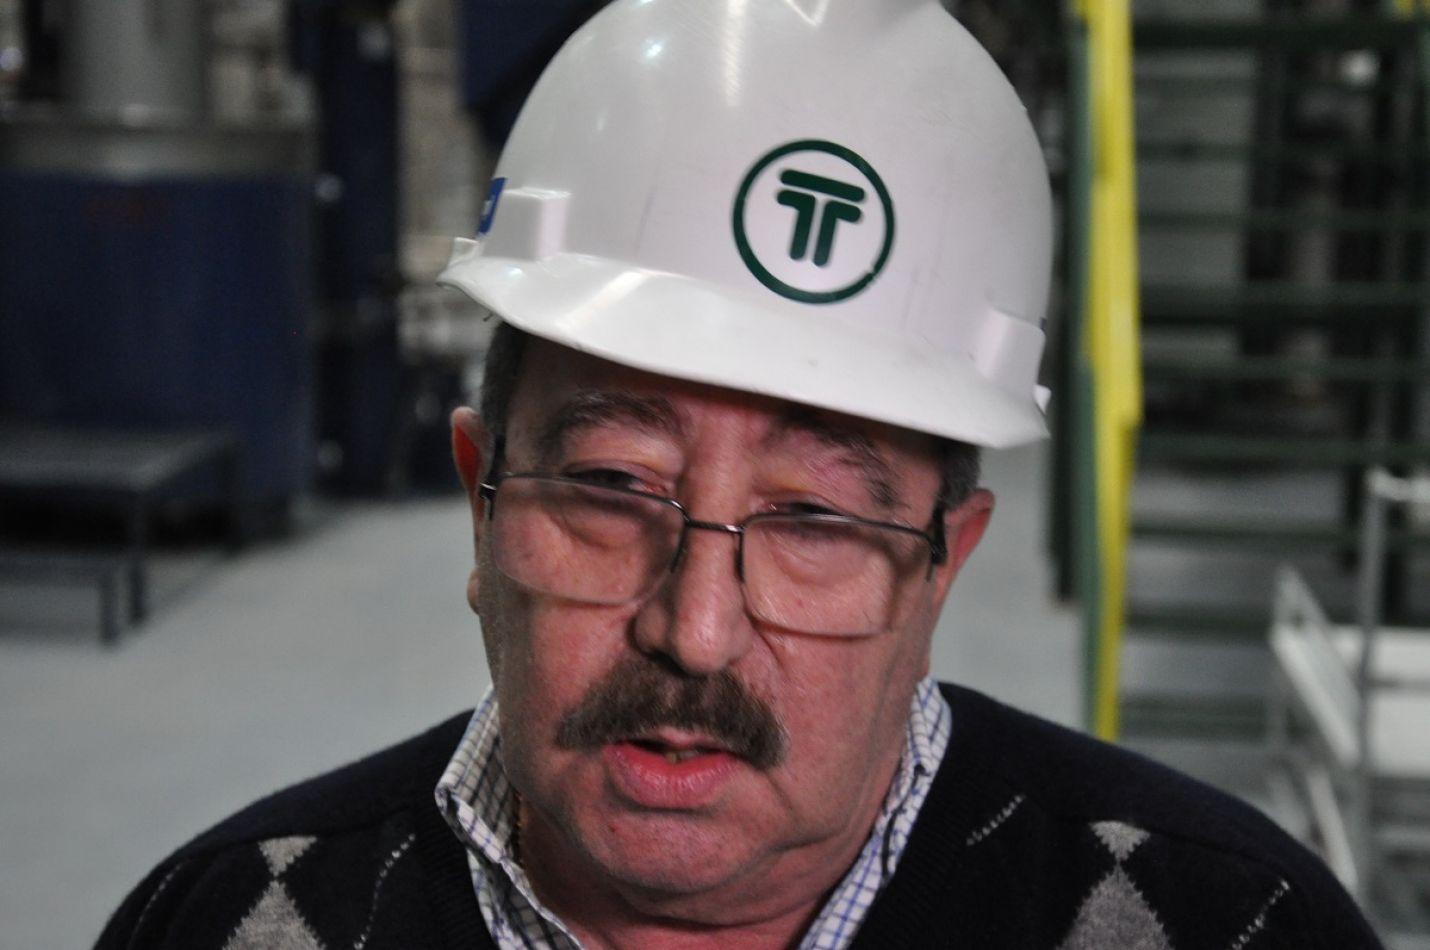 El gerente de Tecnomyl Enrique Schoua, describió la situación de la 19640.